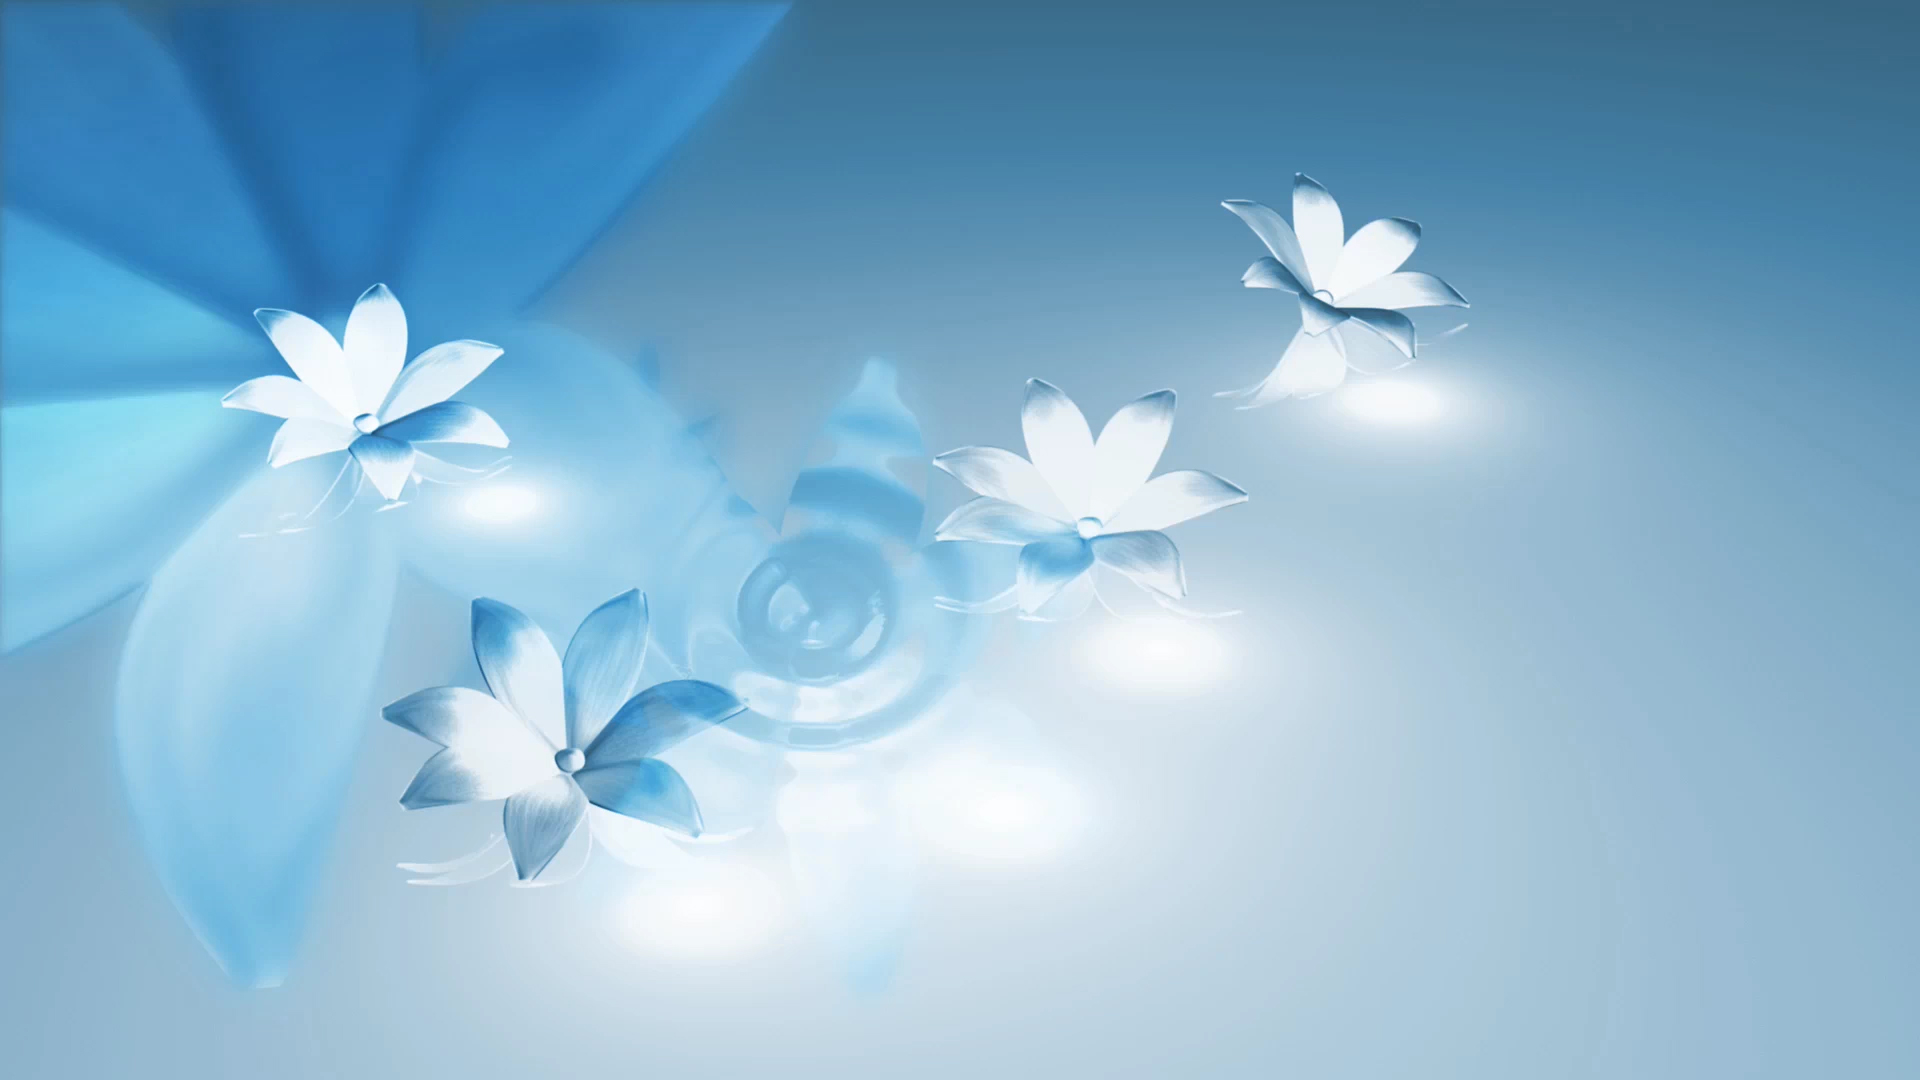 Blue flowers background 35 free hd wallpaper hdflowerwallpaper blue flowers background 35 free hd wallpaper mightylinksfo